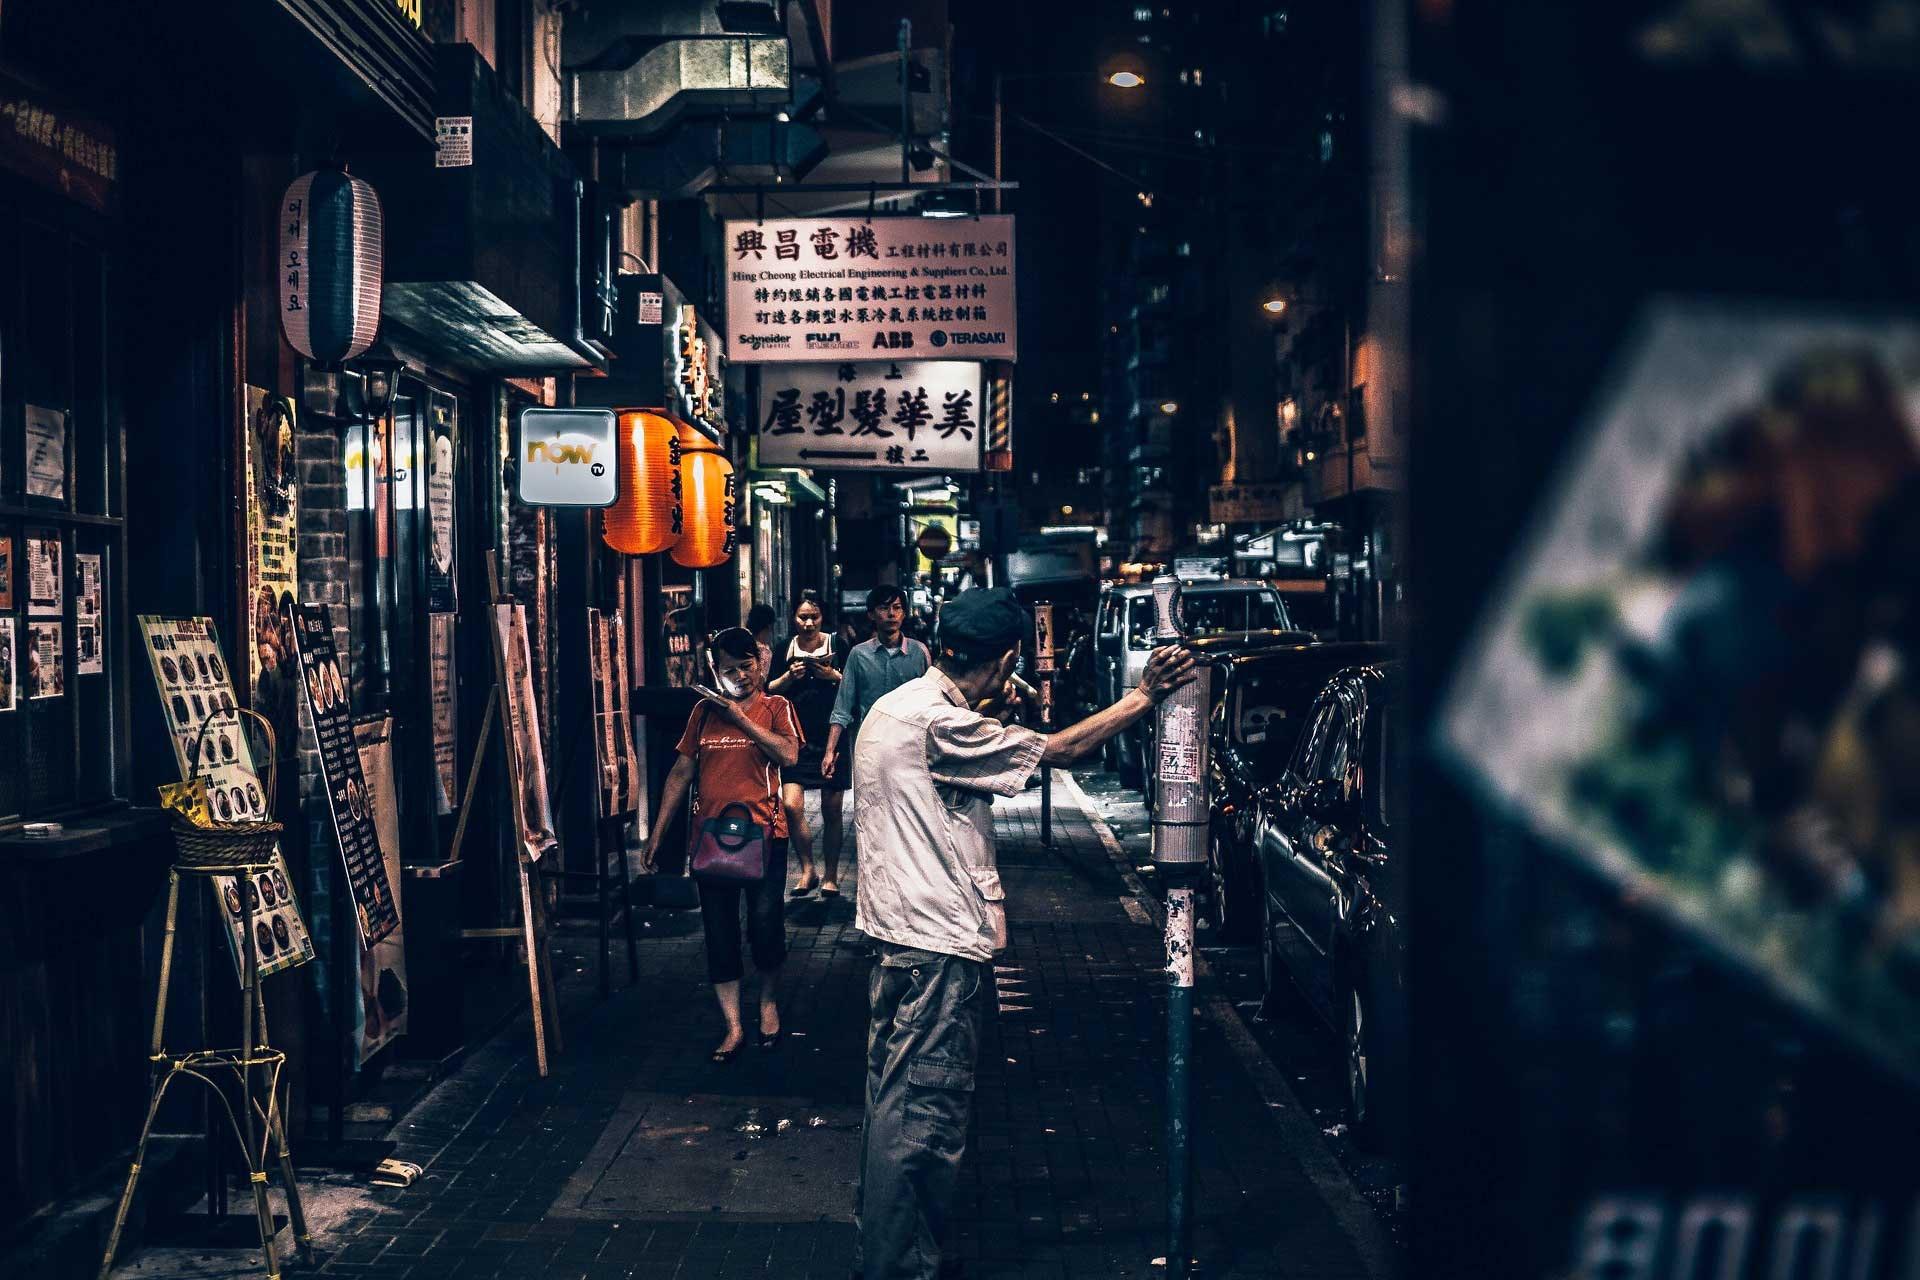 China - Urban scene